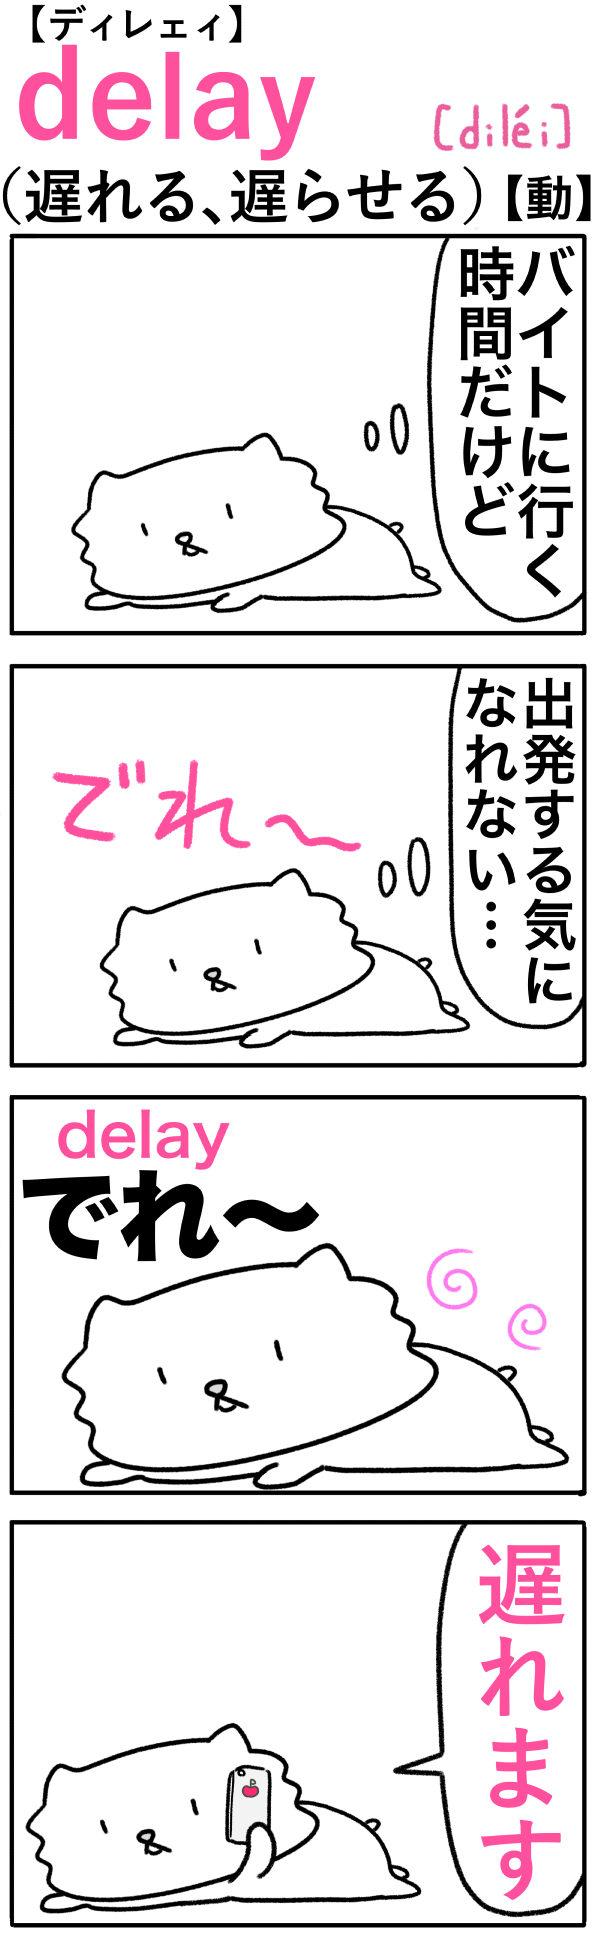 delay(遅れる、遅らせる)の語呂合わせ英単語